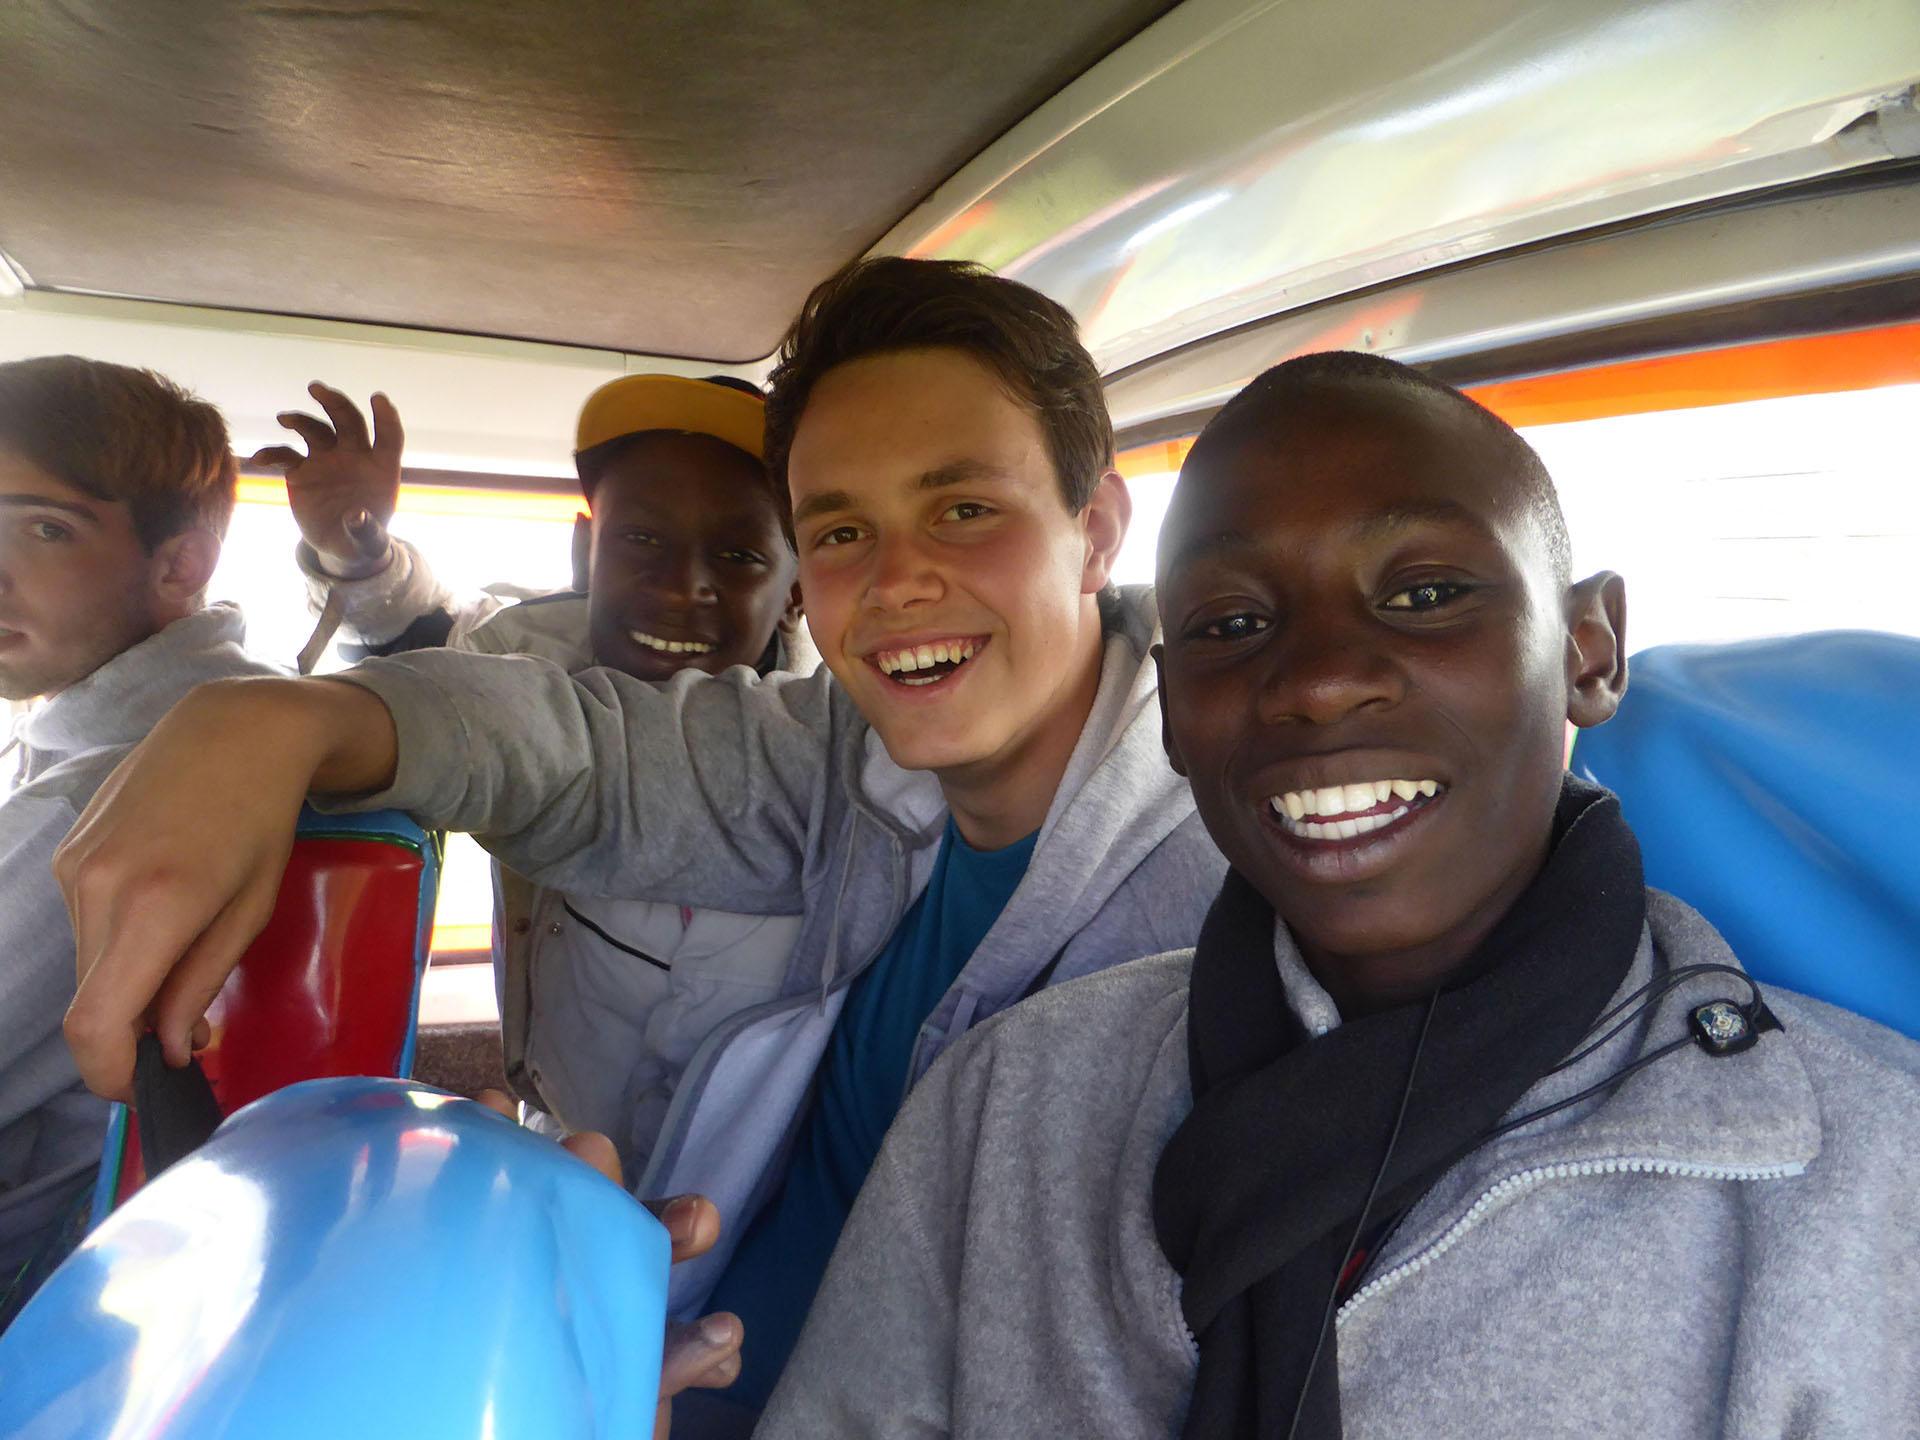 Kenia, Notebookspende von ho.Systeme, Schulbus mit Jungen